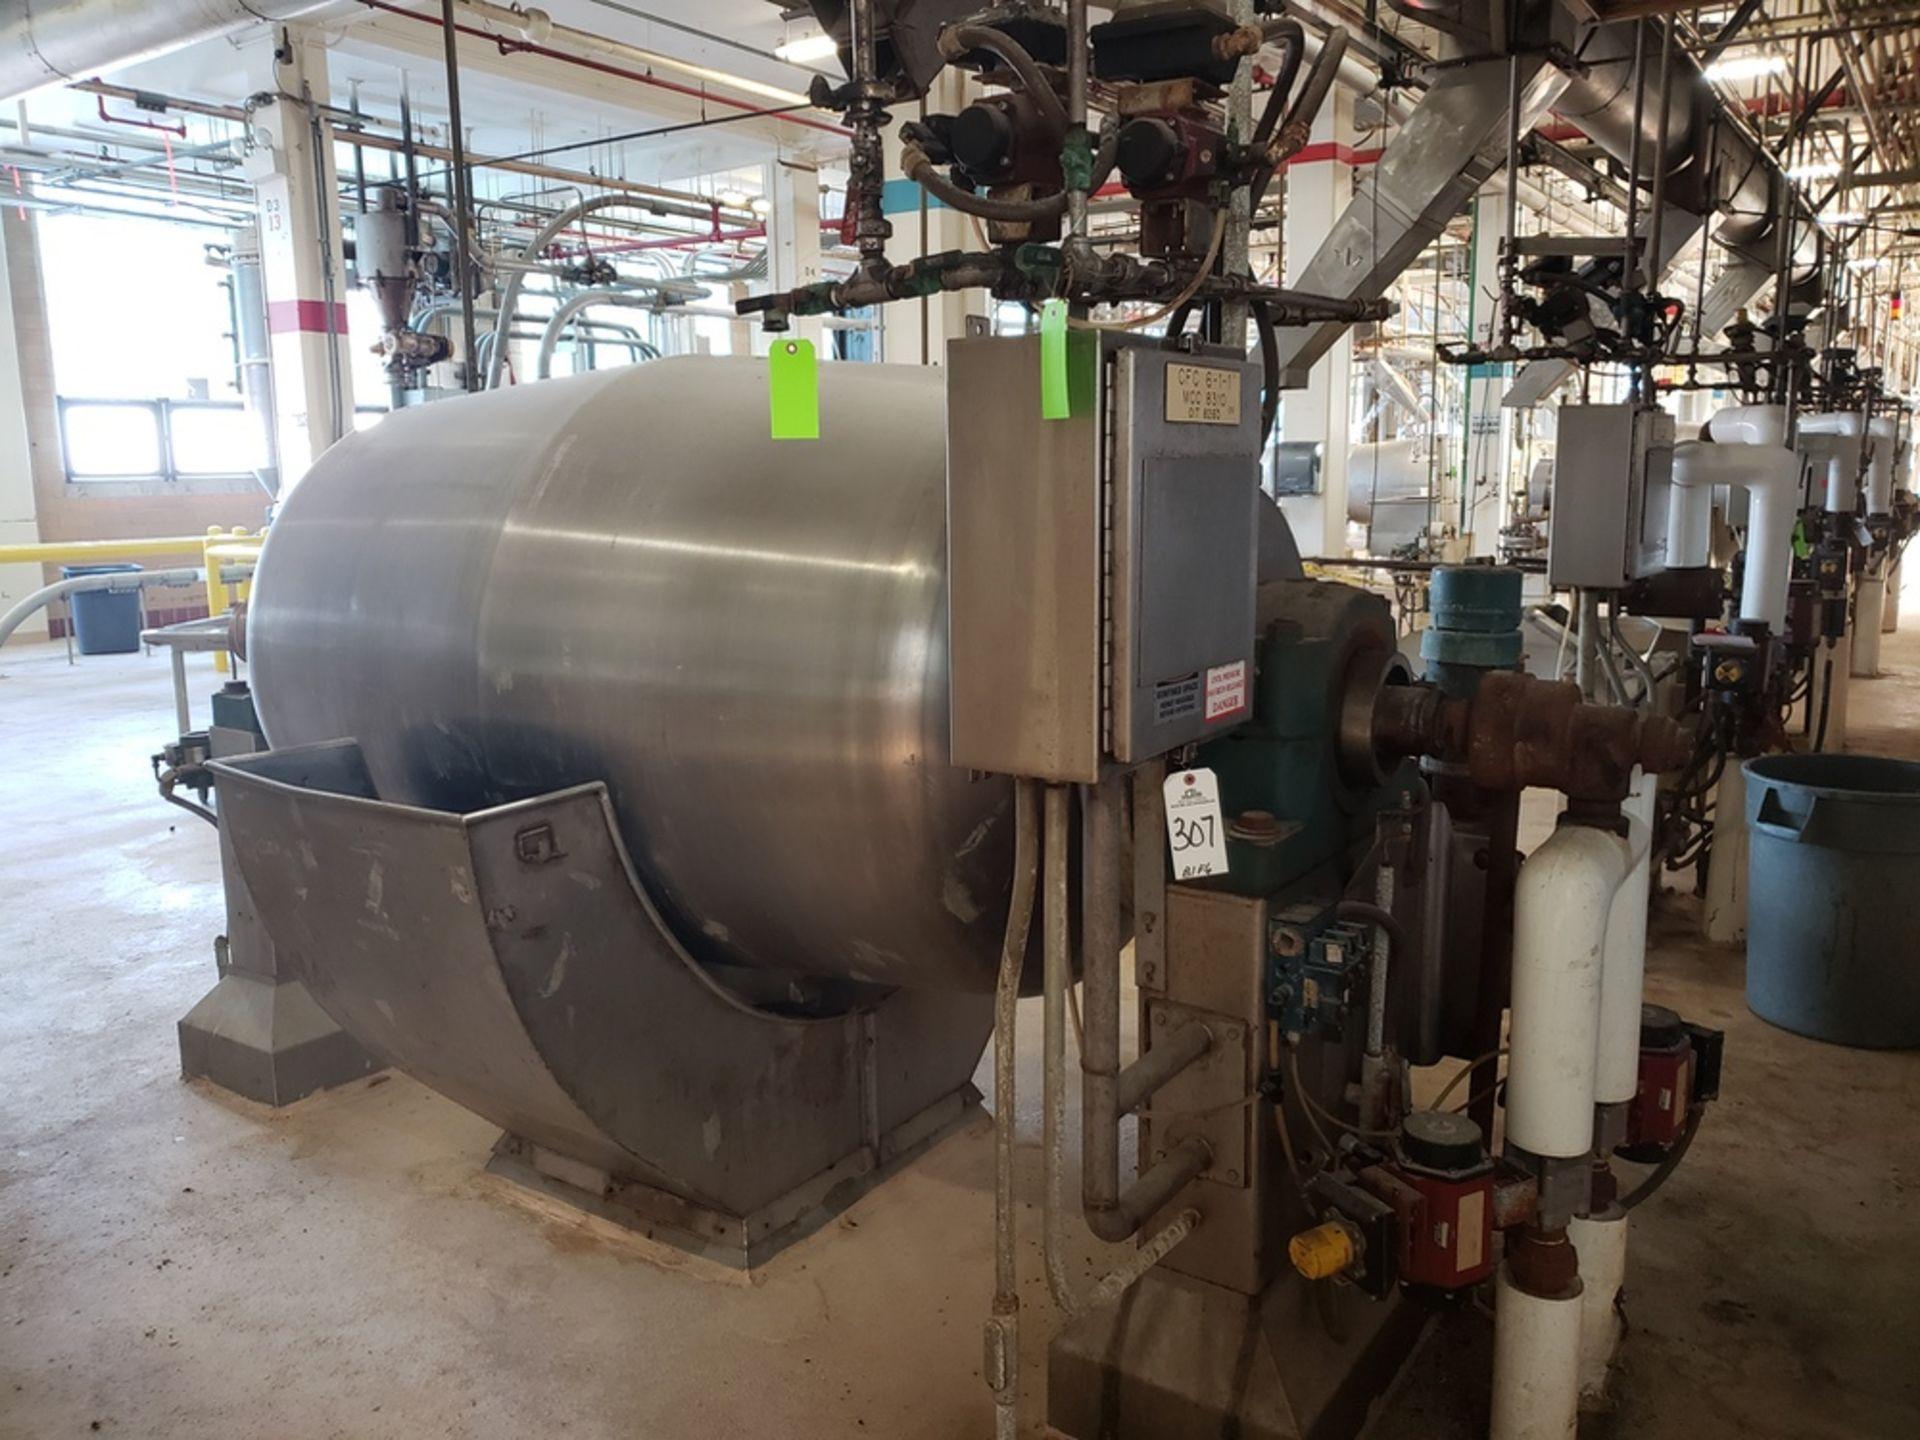 Lot 307 - Hamilton 565 Gallon Rotary Steam Pressure Cooker | Rig Fee: $1200